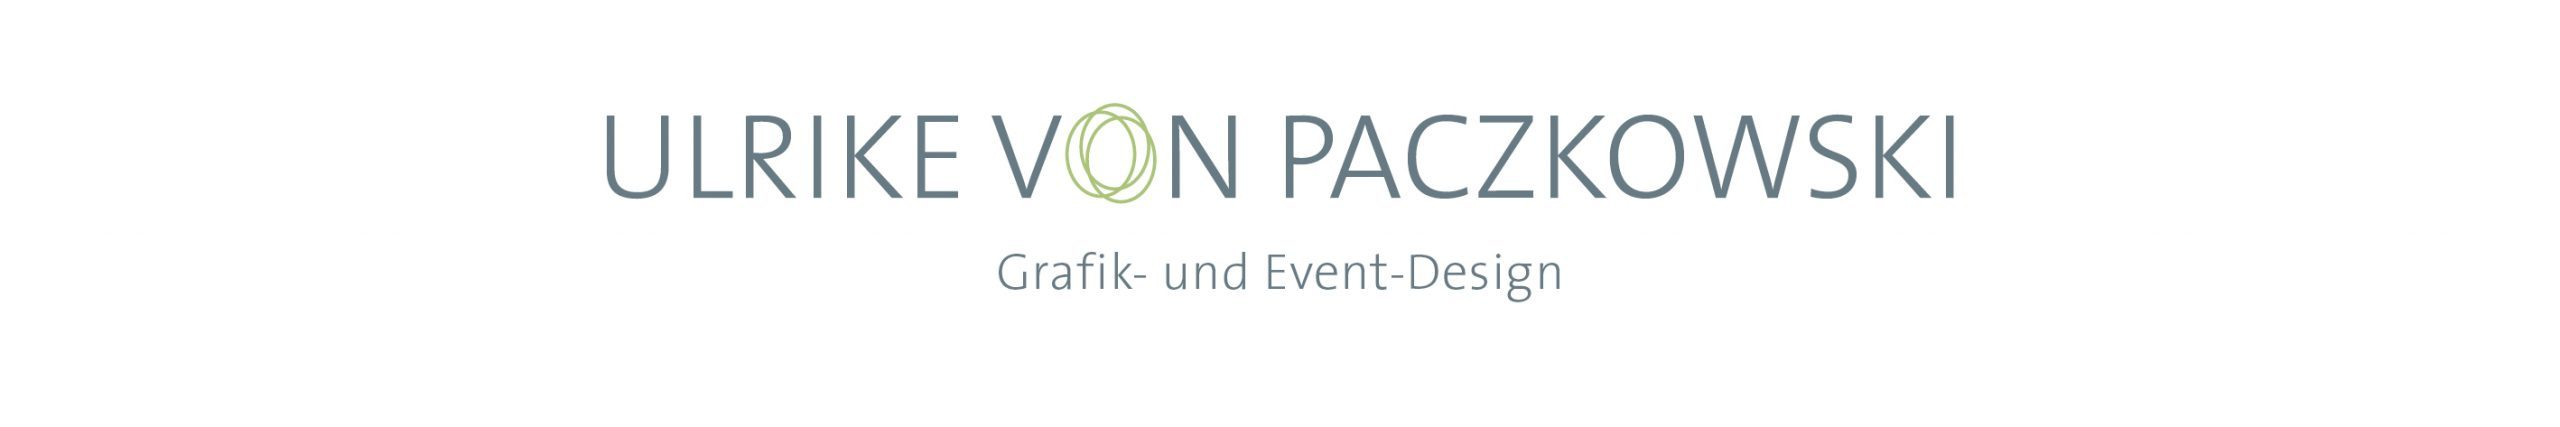 Ulrike von Paczkowski, Grafik- und Event-Design